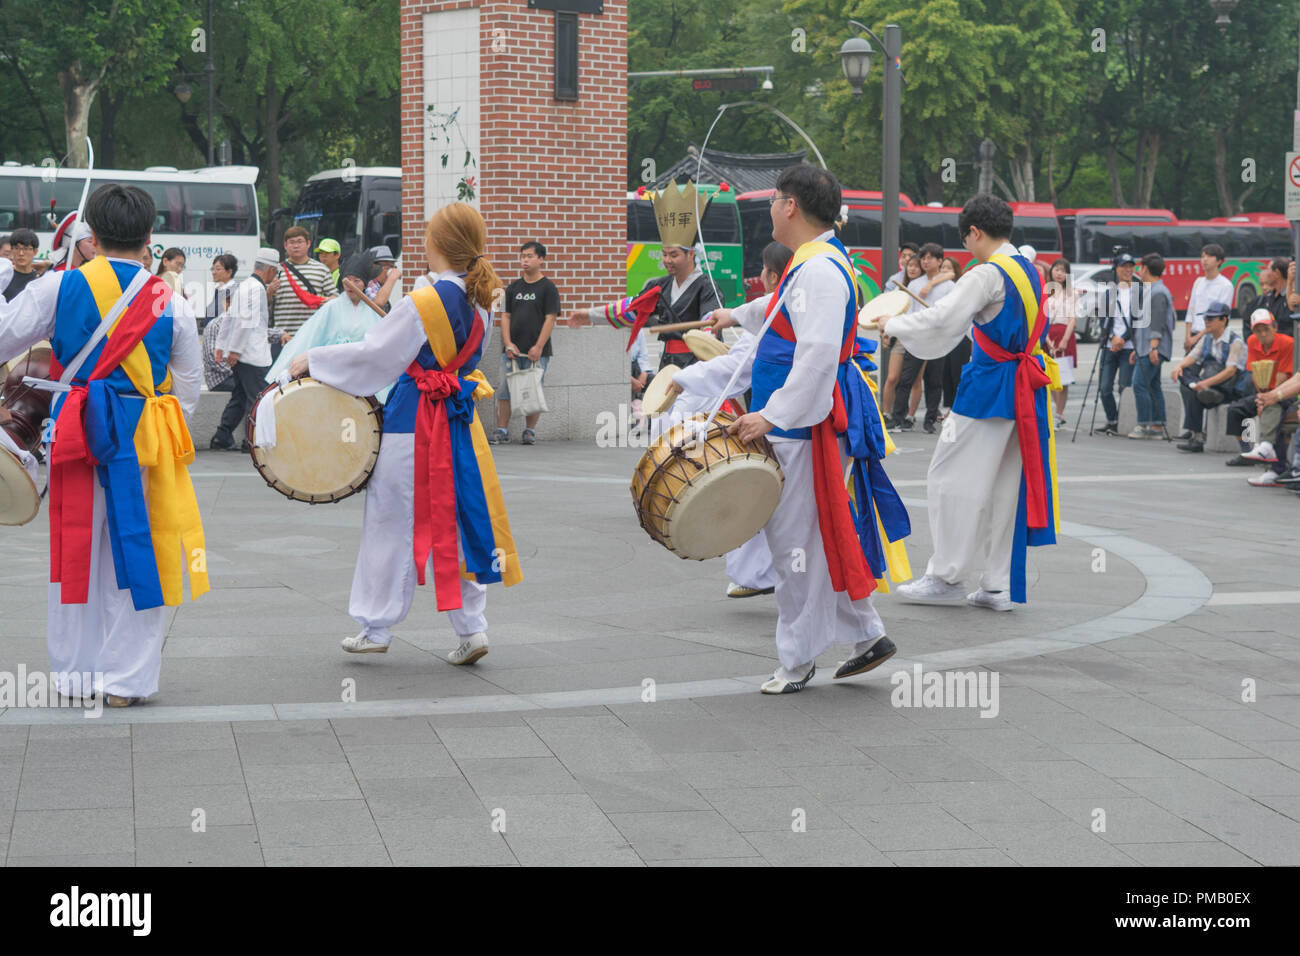 Un gruppo di ballerini e percussionisti in variopinti costumi tradizionali, a Seul, Corea del Sud Immagini Stock